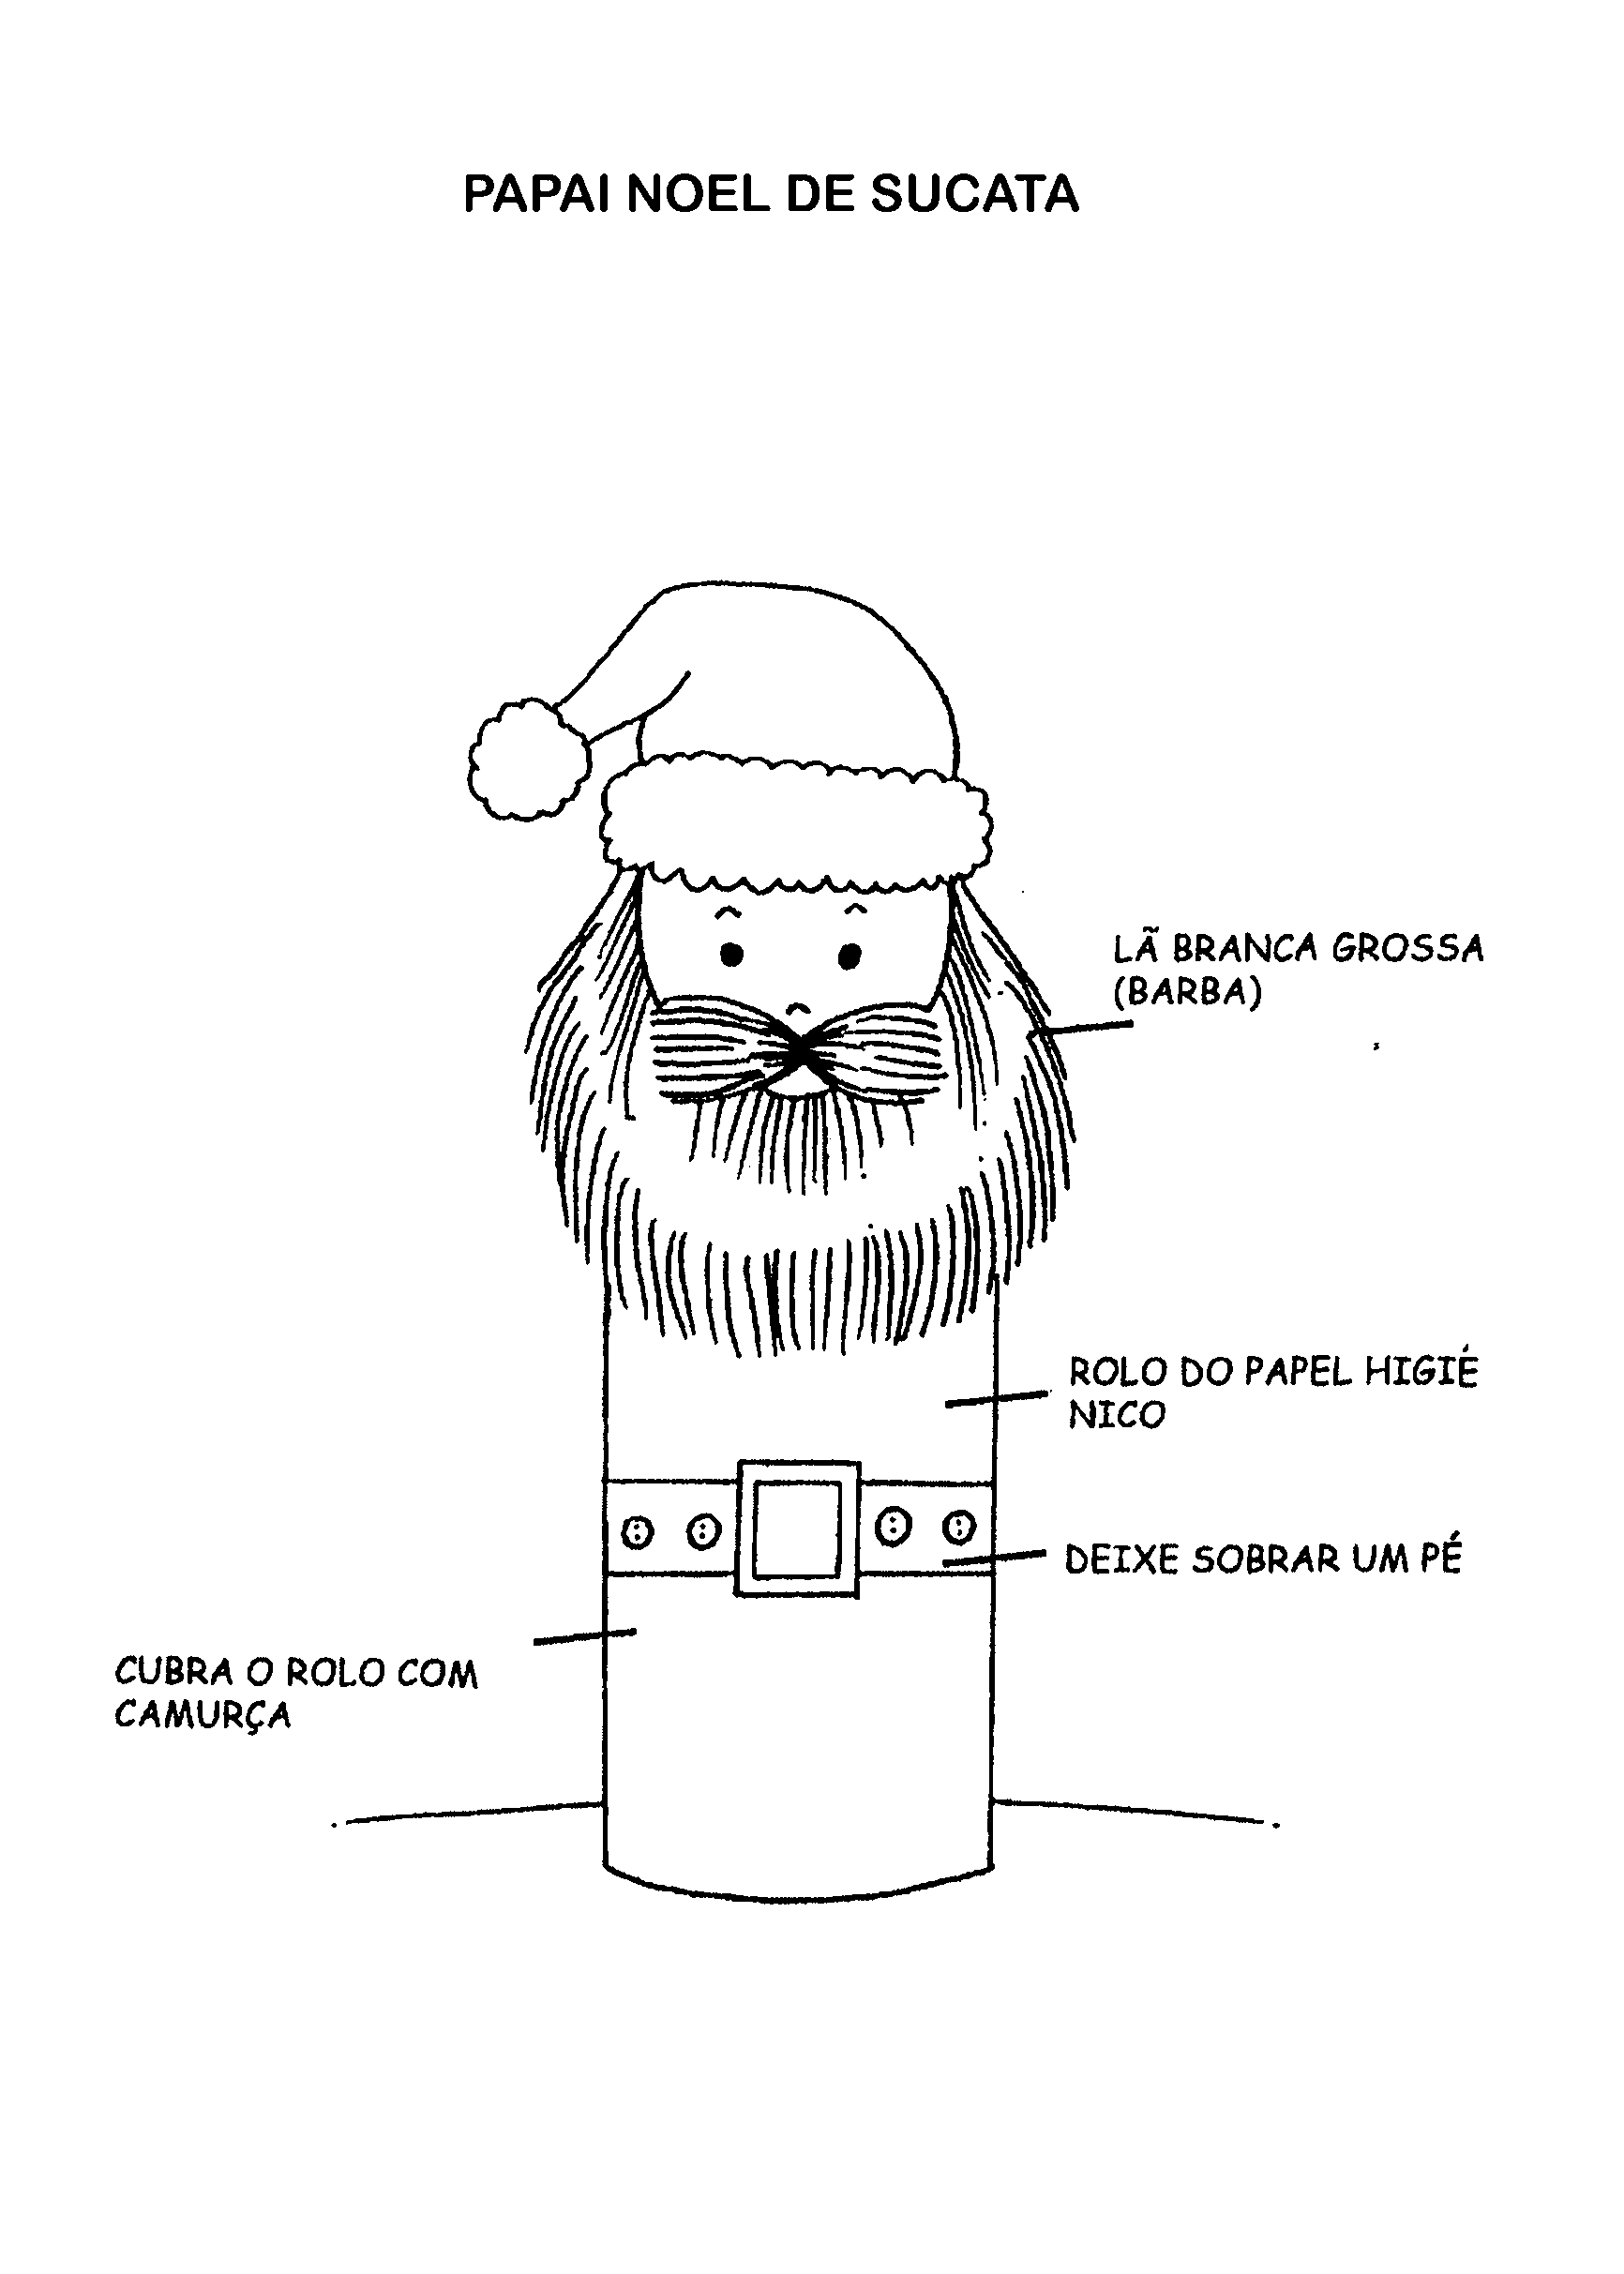 modelo lembrancinha natal papai noel